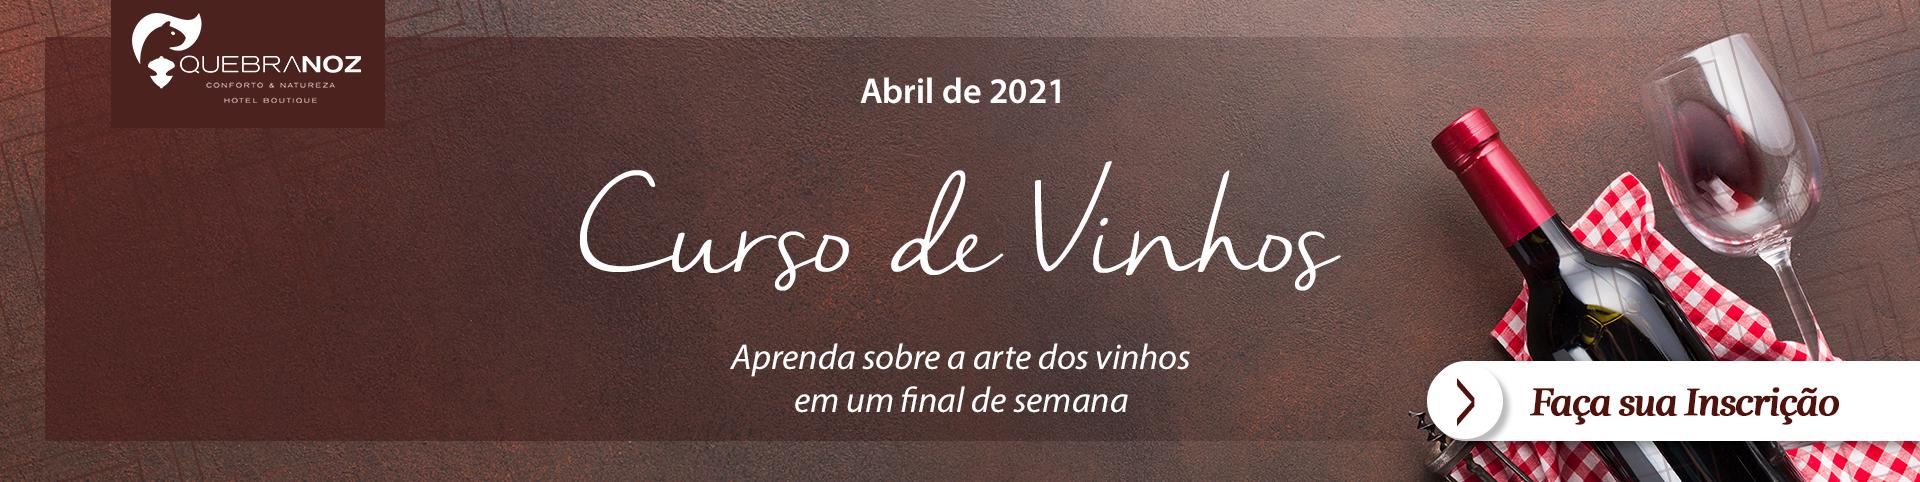 Curso de Vinhos no Hotel Quebra-Noz em Abril de 2021